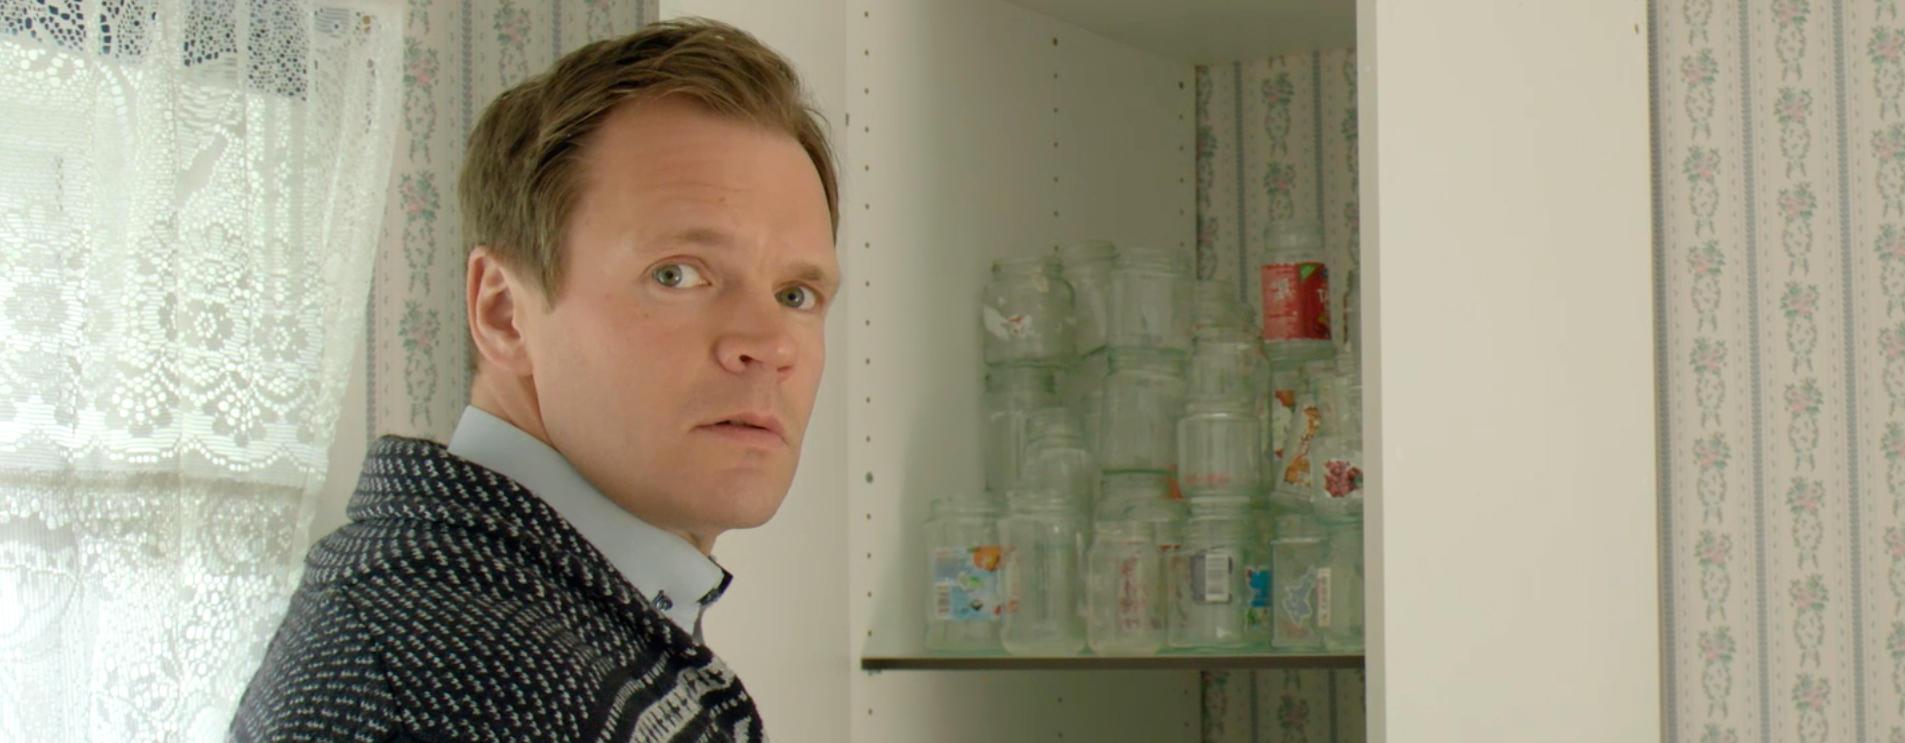 Harald Olset synes det er vanskelig å leve med samboeren når glassamlingen tar overhånd.